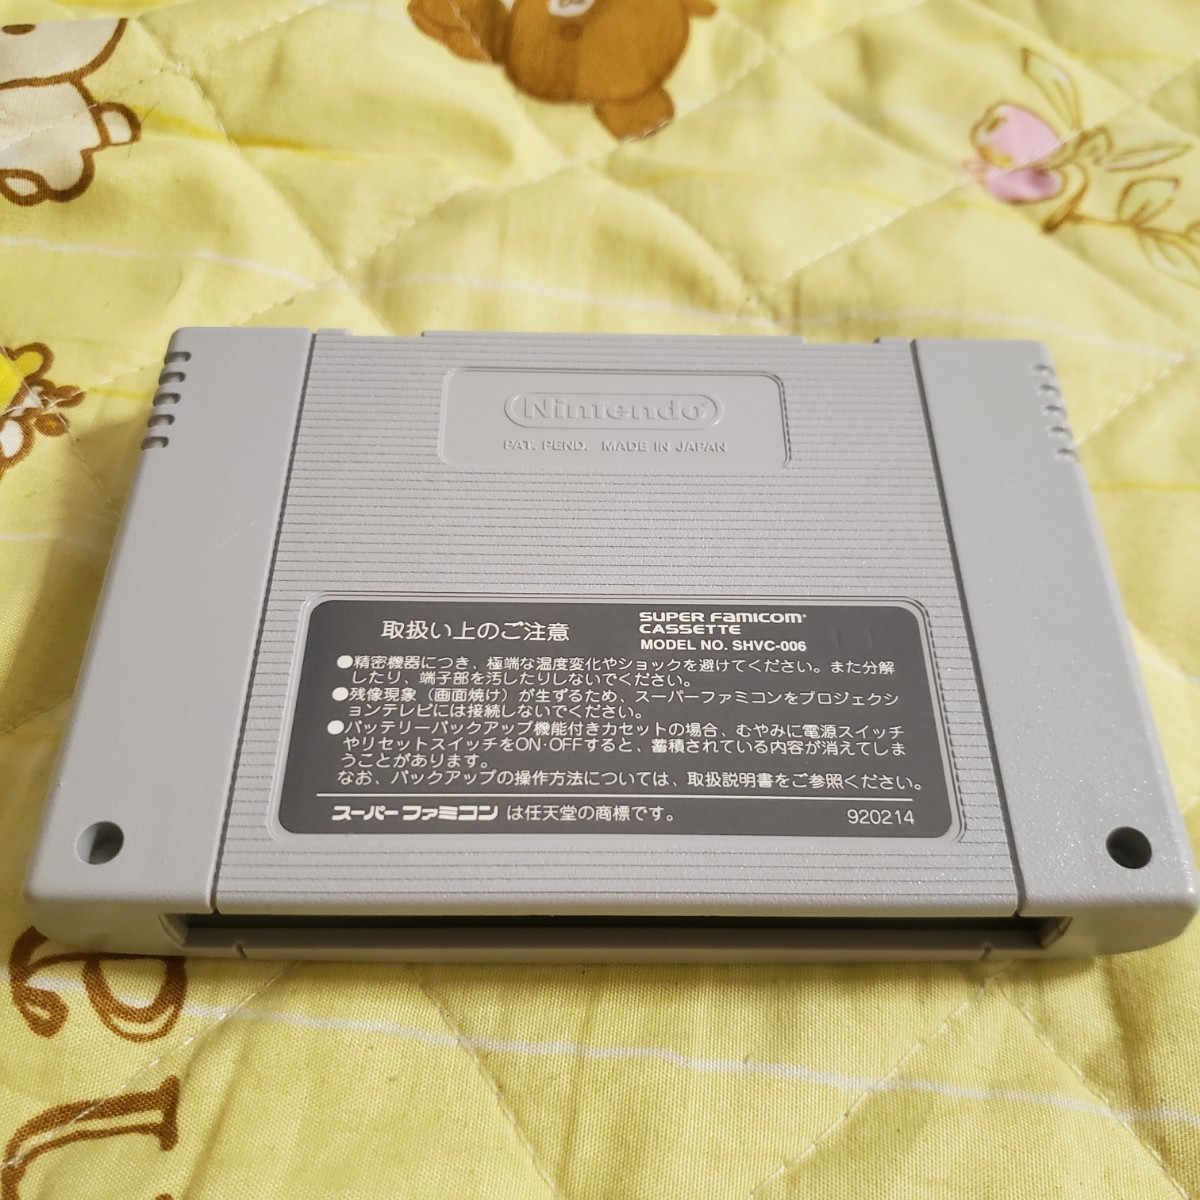 【動作確認済】TECNOSJAPAN コンバットライブス スーパーファミコン版